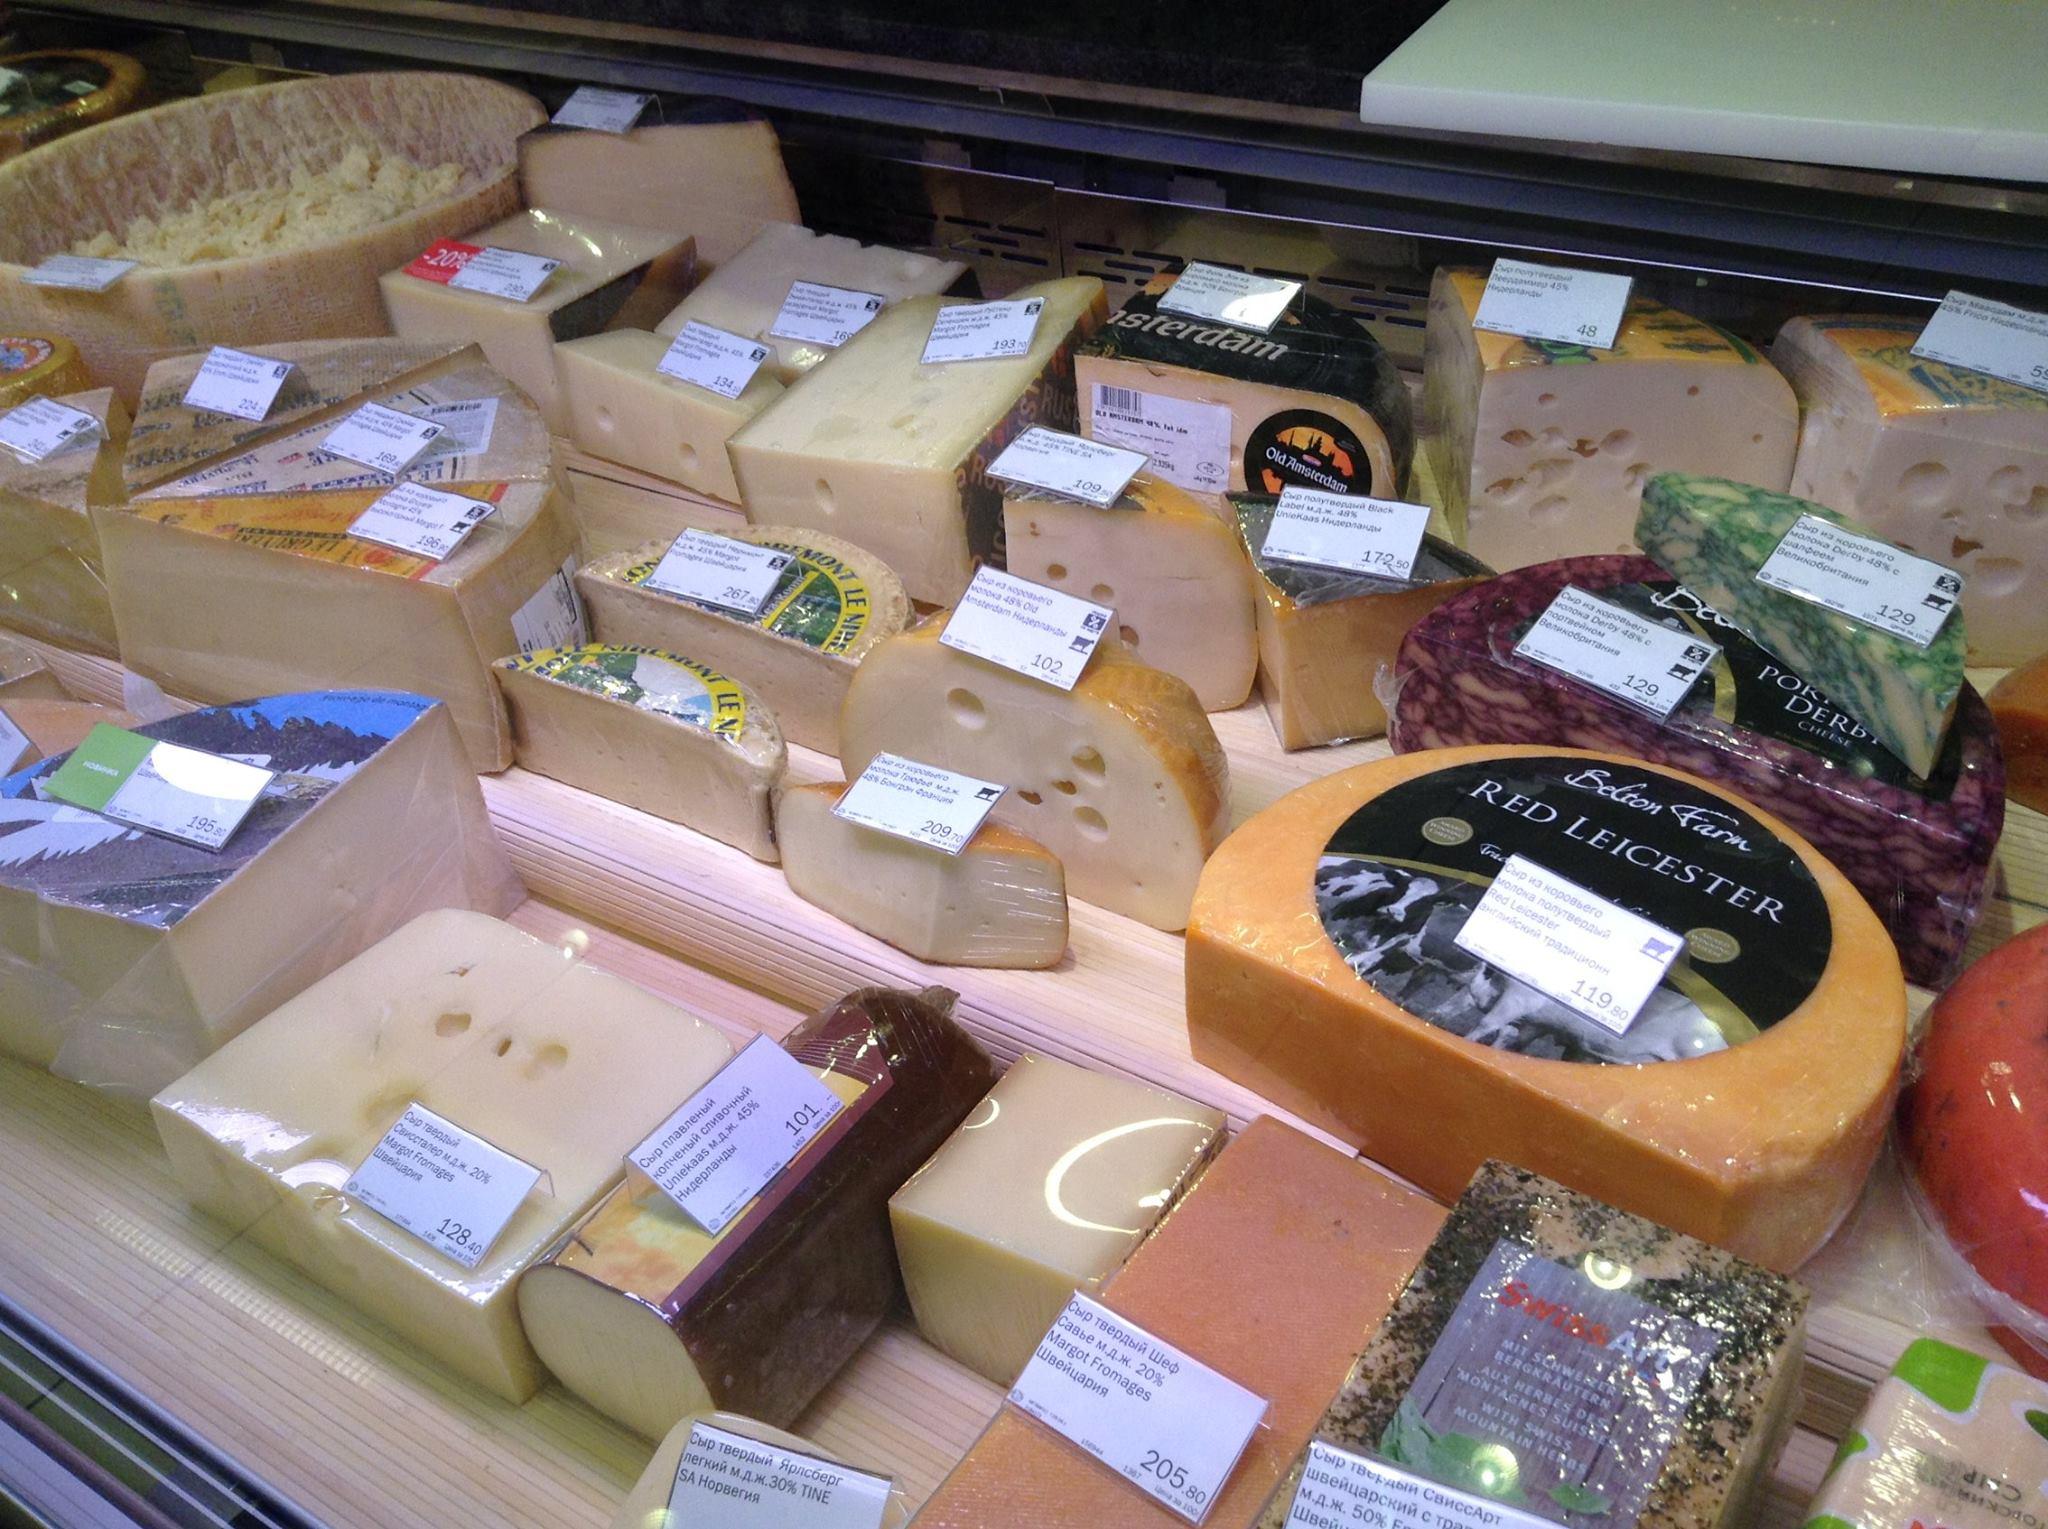 ロシアの食品禁輸の影響 -フランスチーズが消えた日-